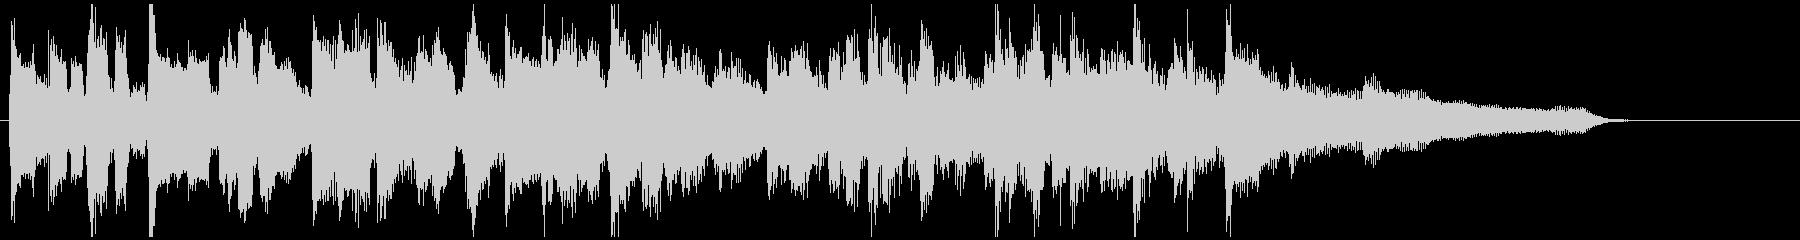 サックス生演奏のジャズ◆15秒CM向けの未再生の波形